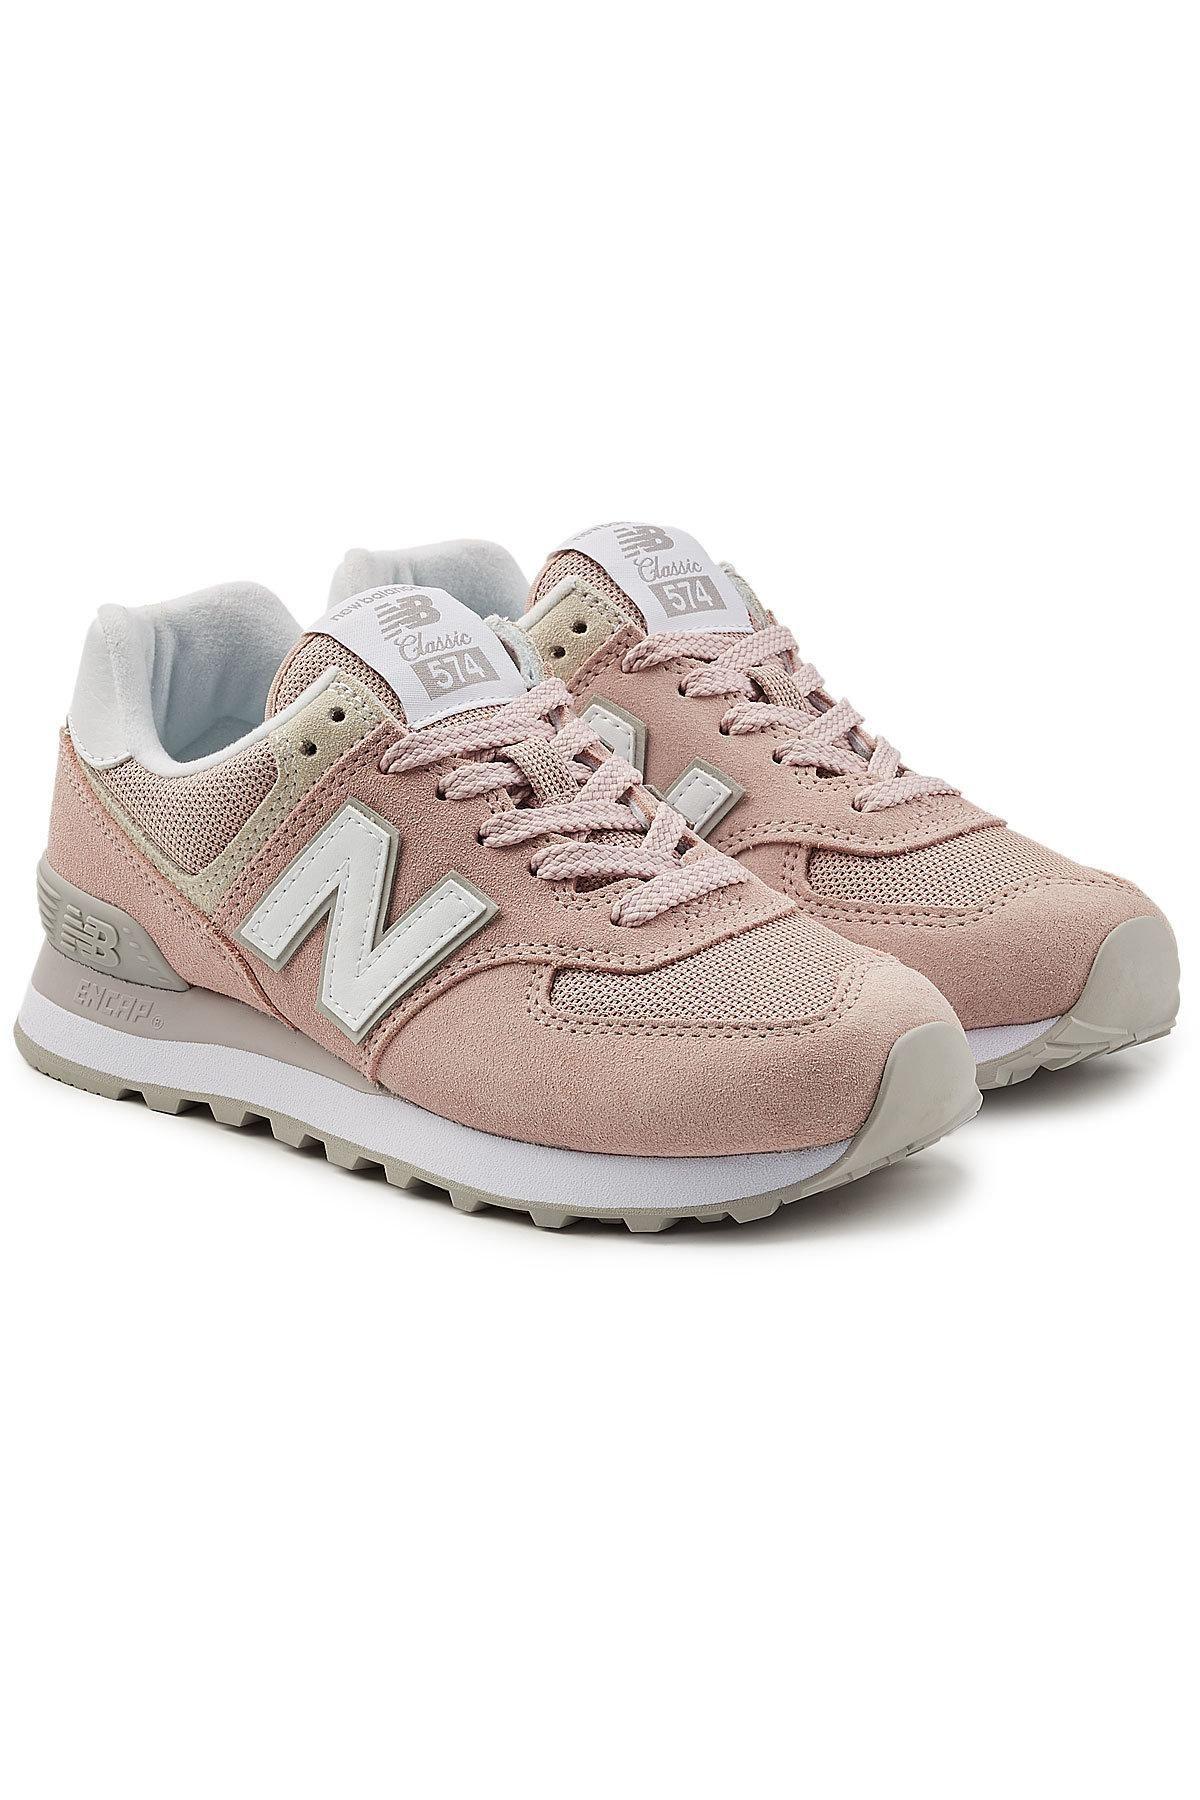 d5fb6e583a1a New Balance 373  Pink Rose